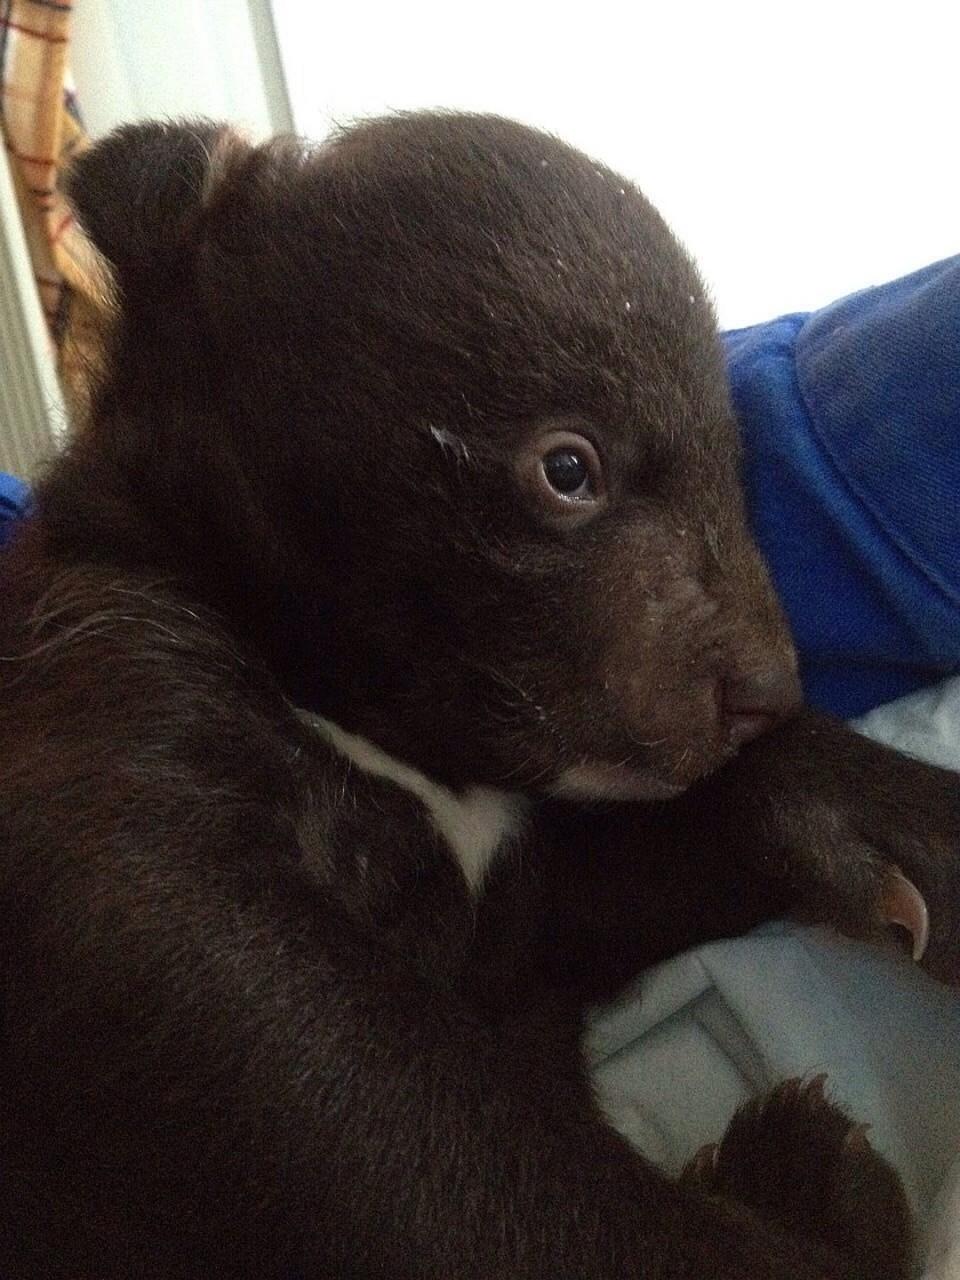 Малютку медвежонка в кульке подбросили охотнадзору в Приморье